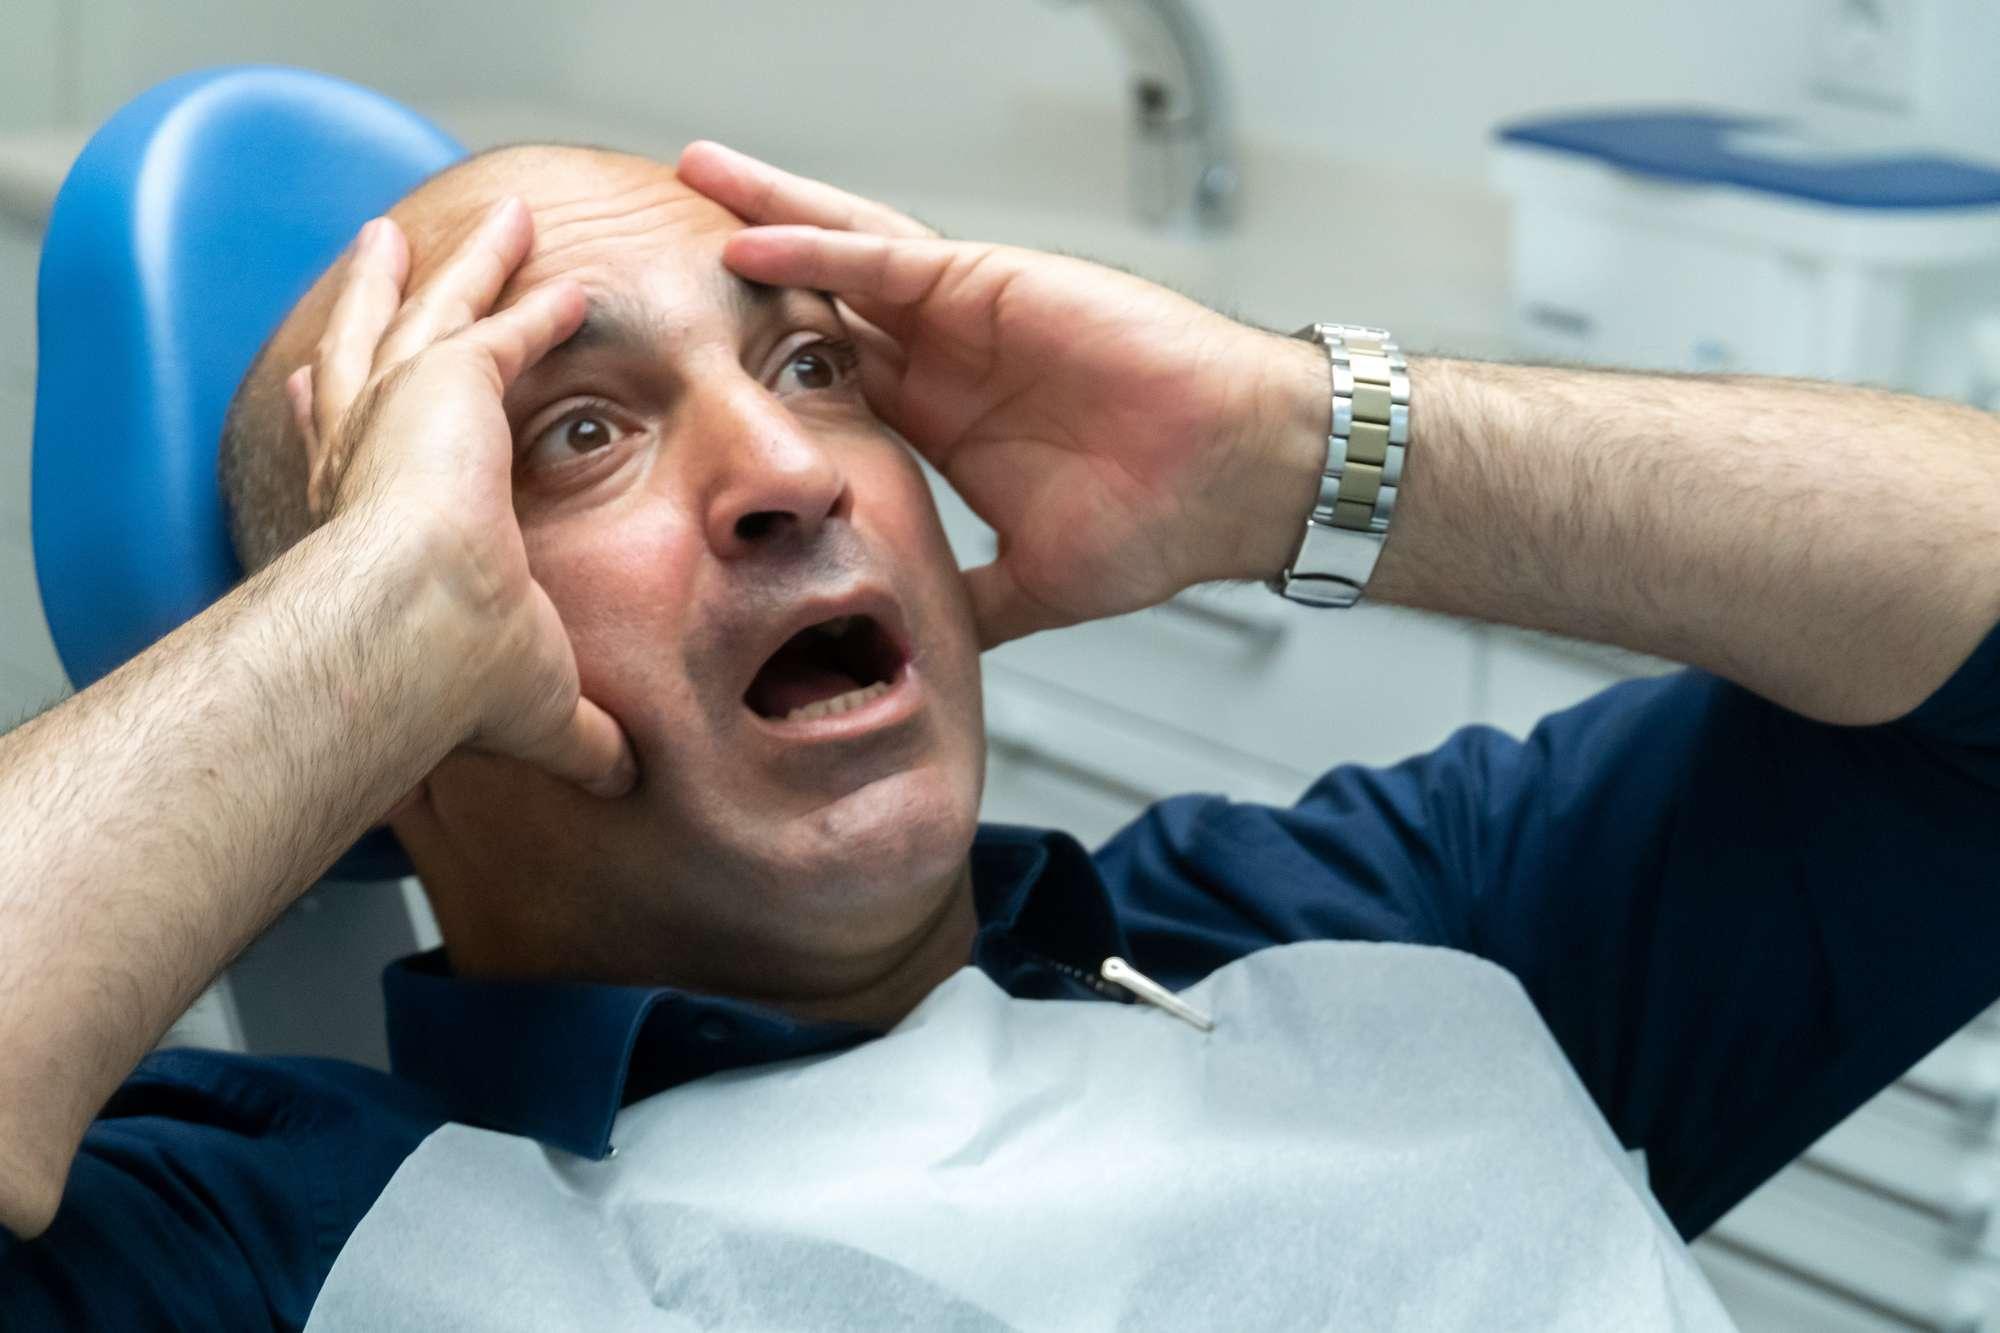 подкаст как картинка боюсь пациента клумба